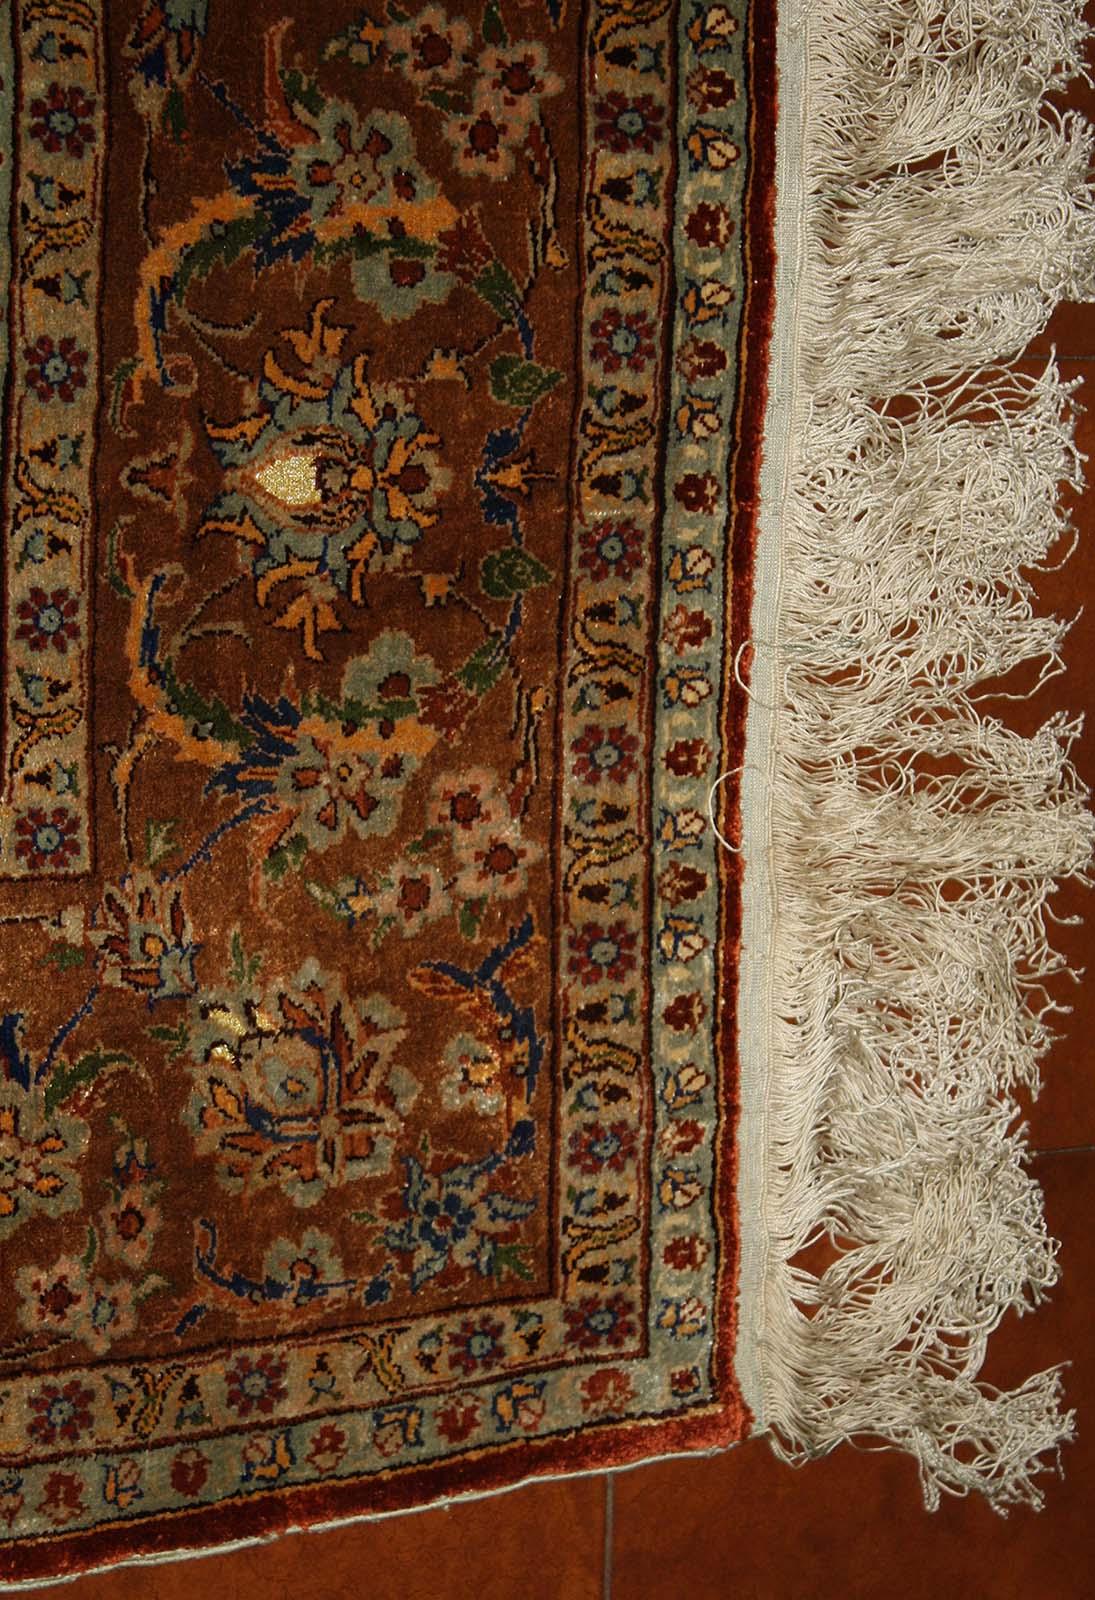 N. 10811, Herekè seta, Turchia, la bordura.